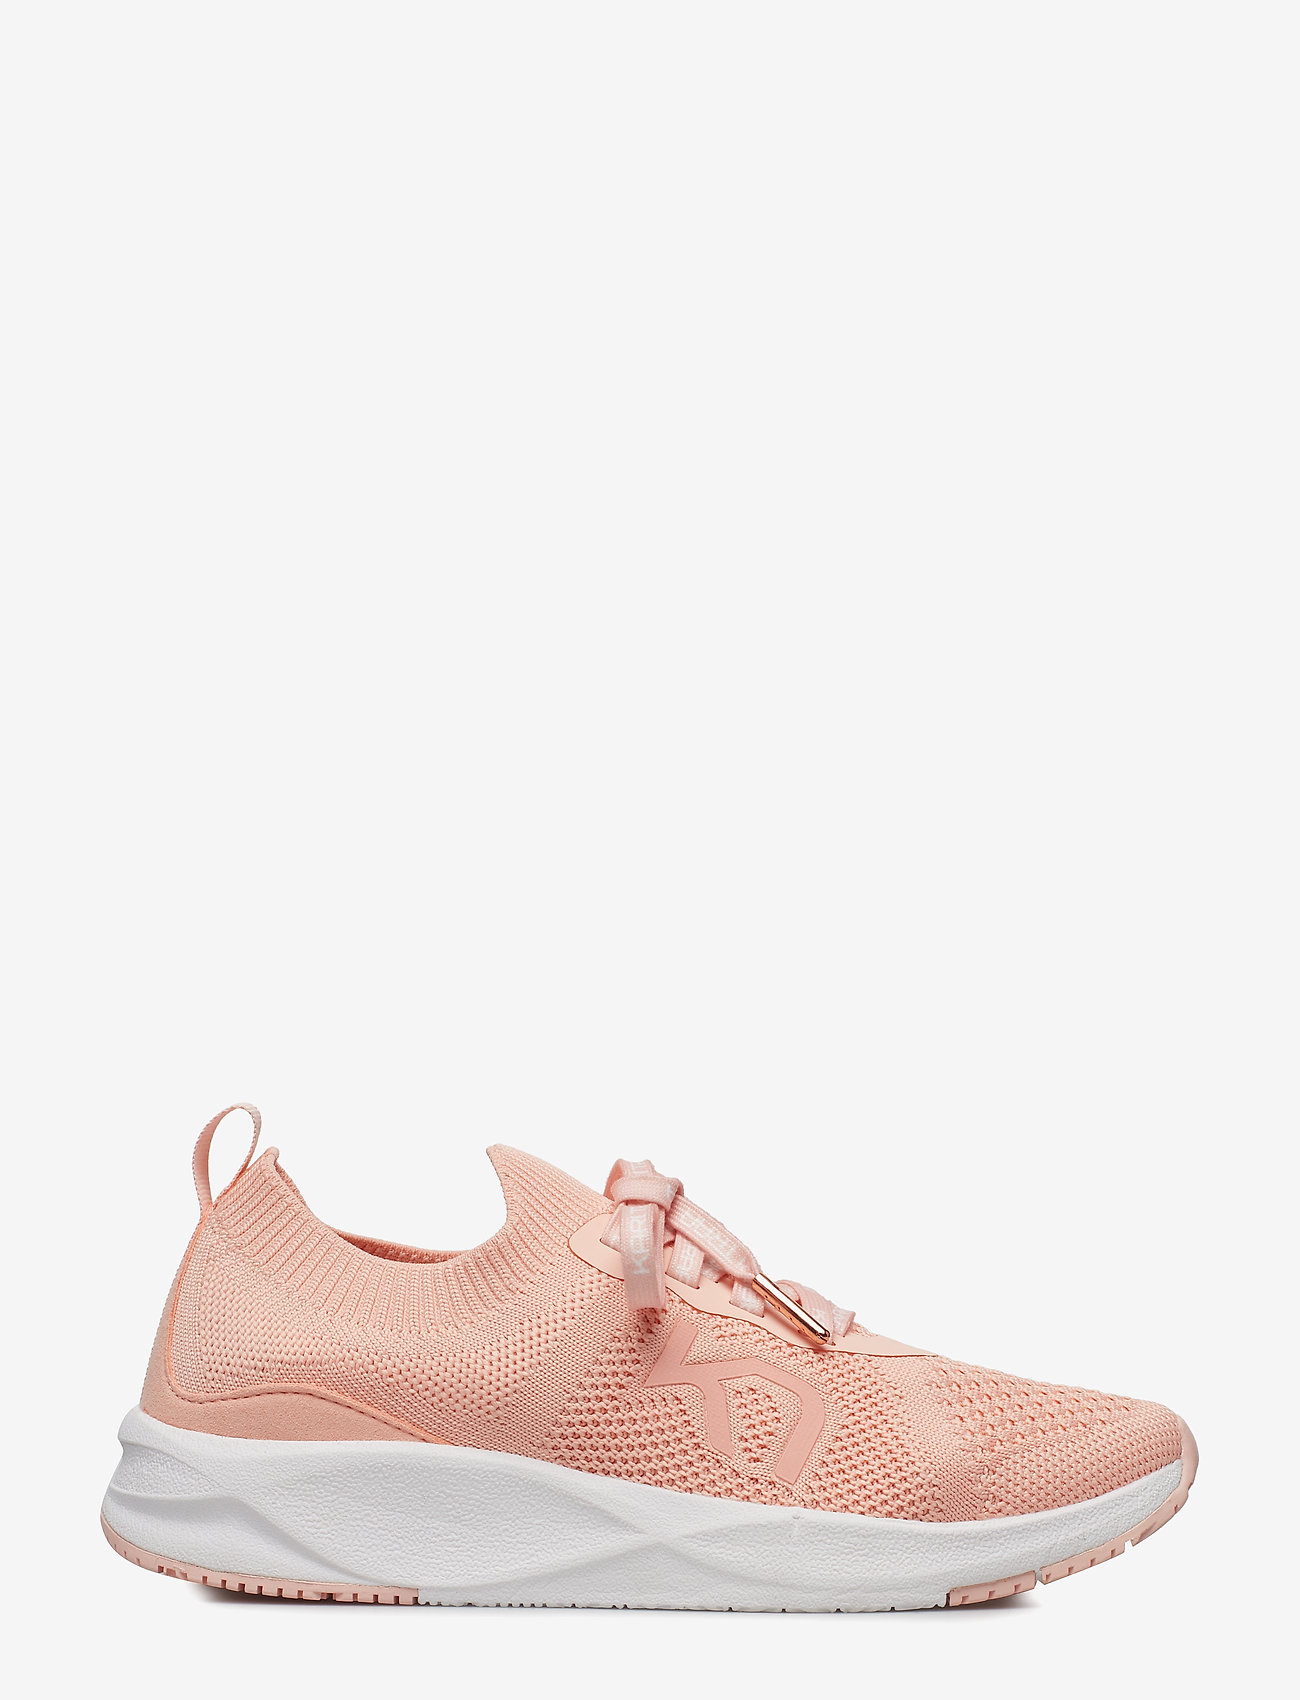 Kari Traa - BYKS - low top sneakers - soft - 1